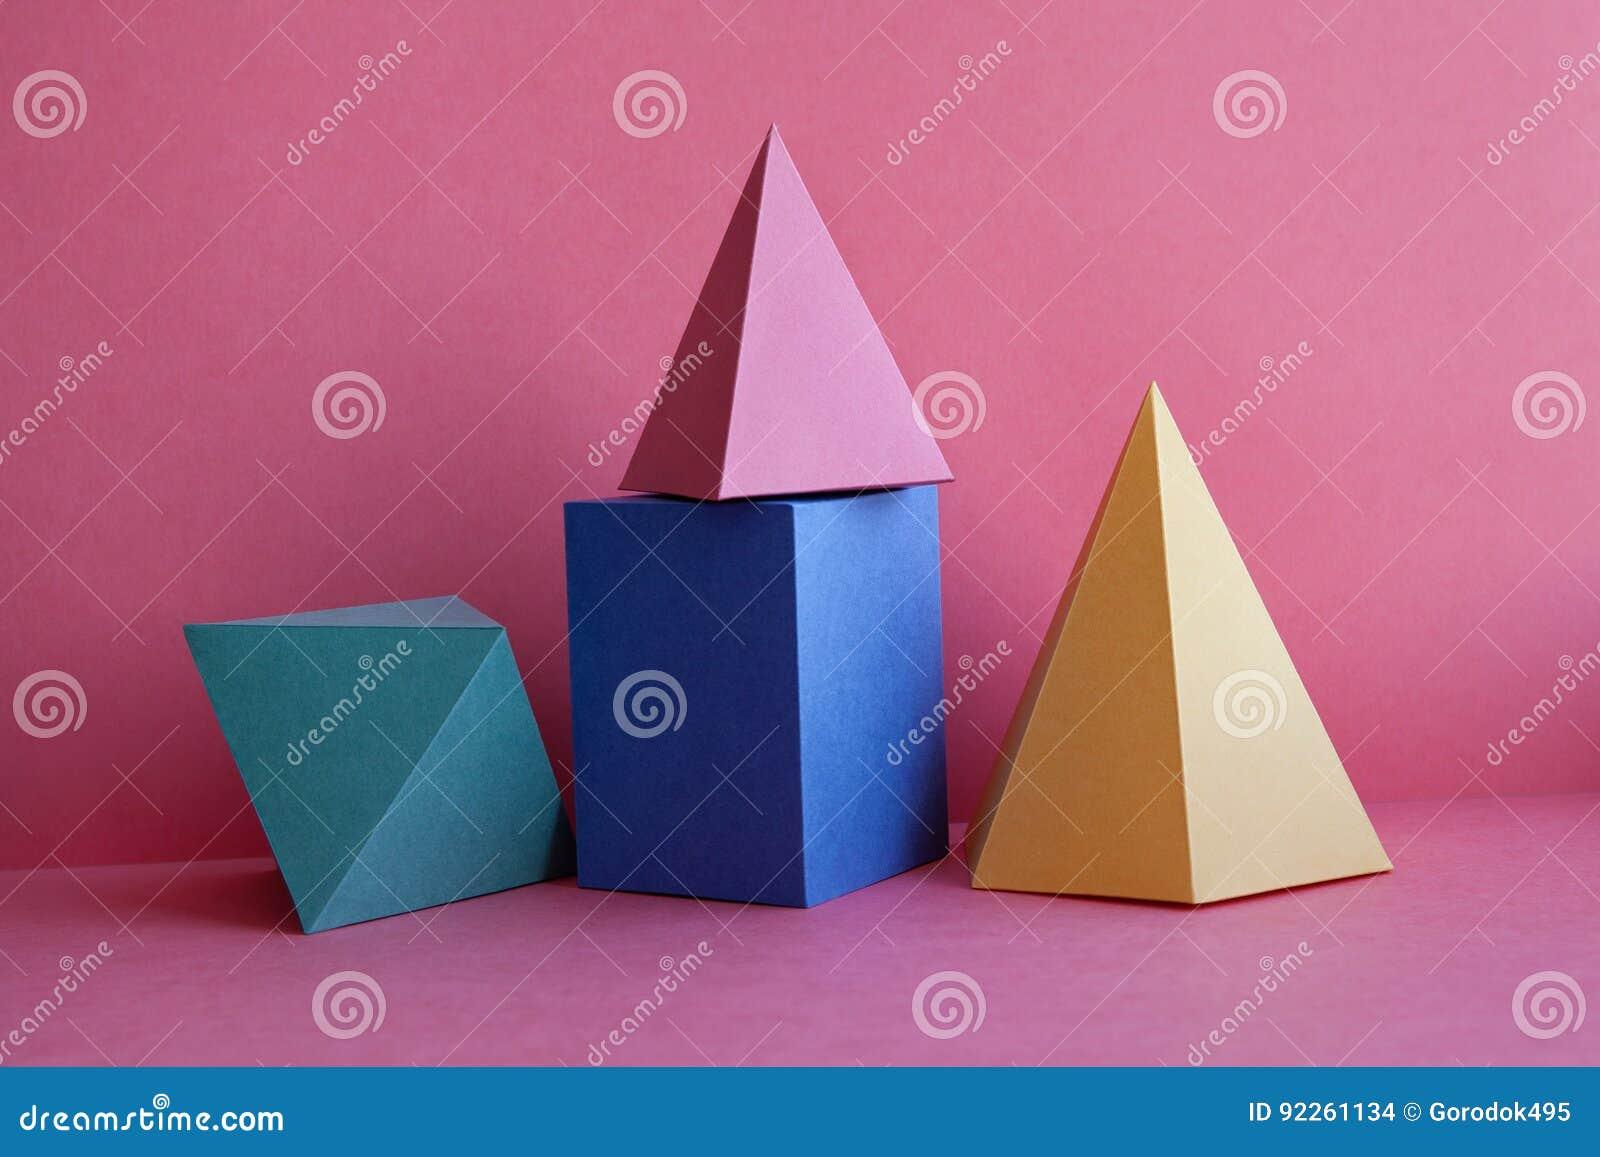 Composição geométrica da vida do sumário platônico dos sólidos ainda O cubo retangular da pirâmide de prisma figura no papel cor-